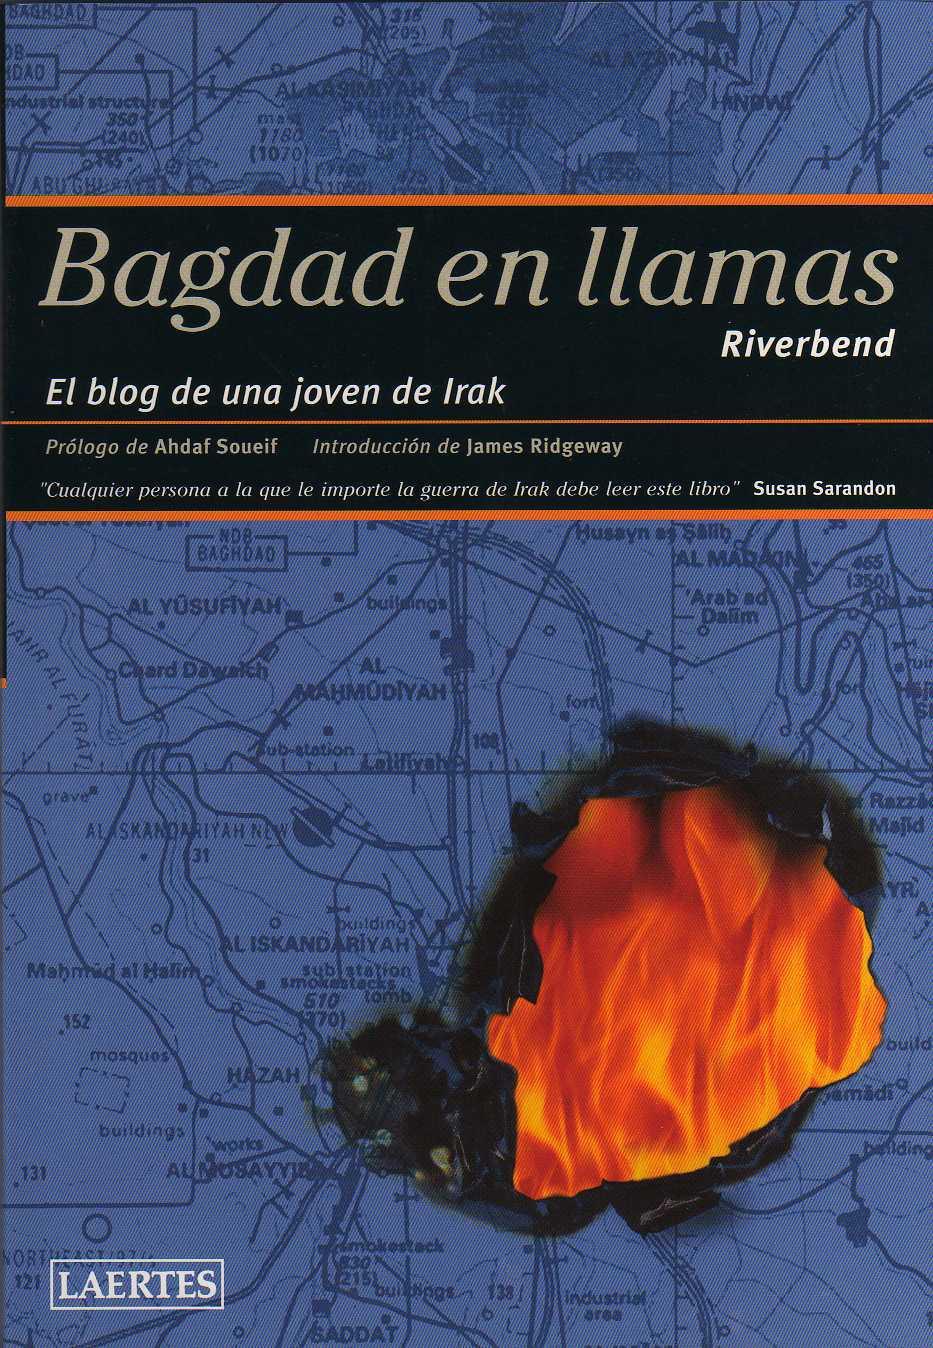 Bagdad en llamas